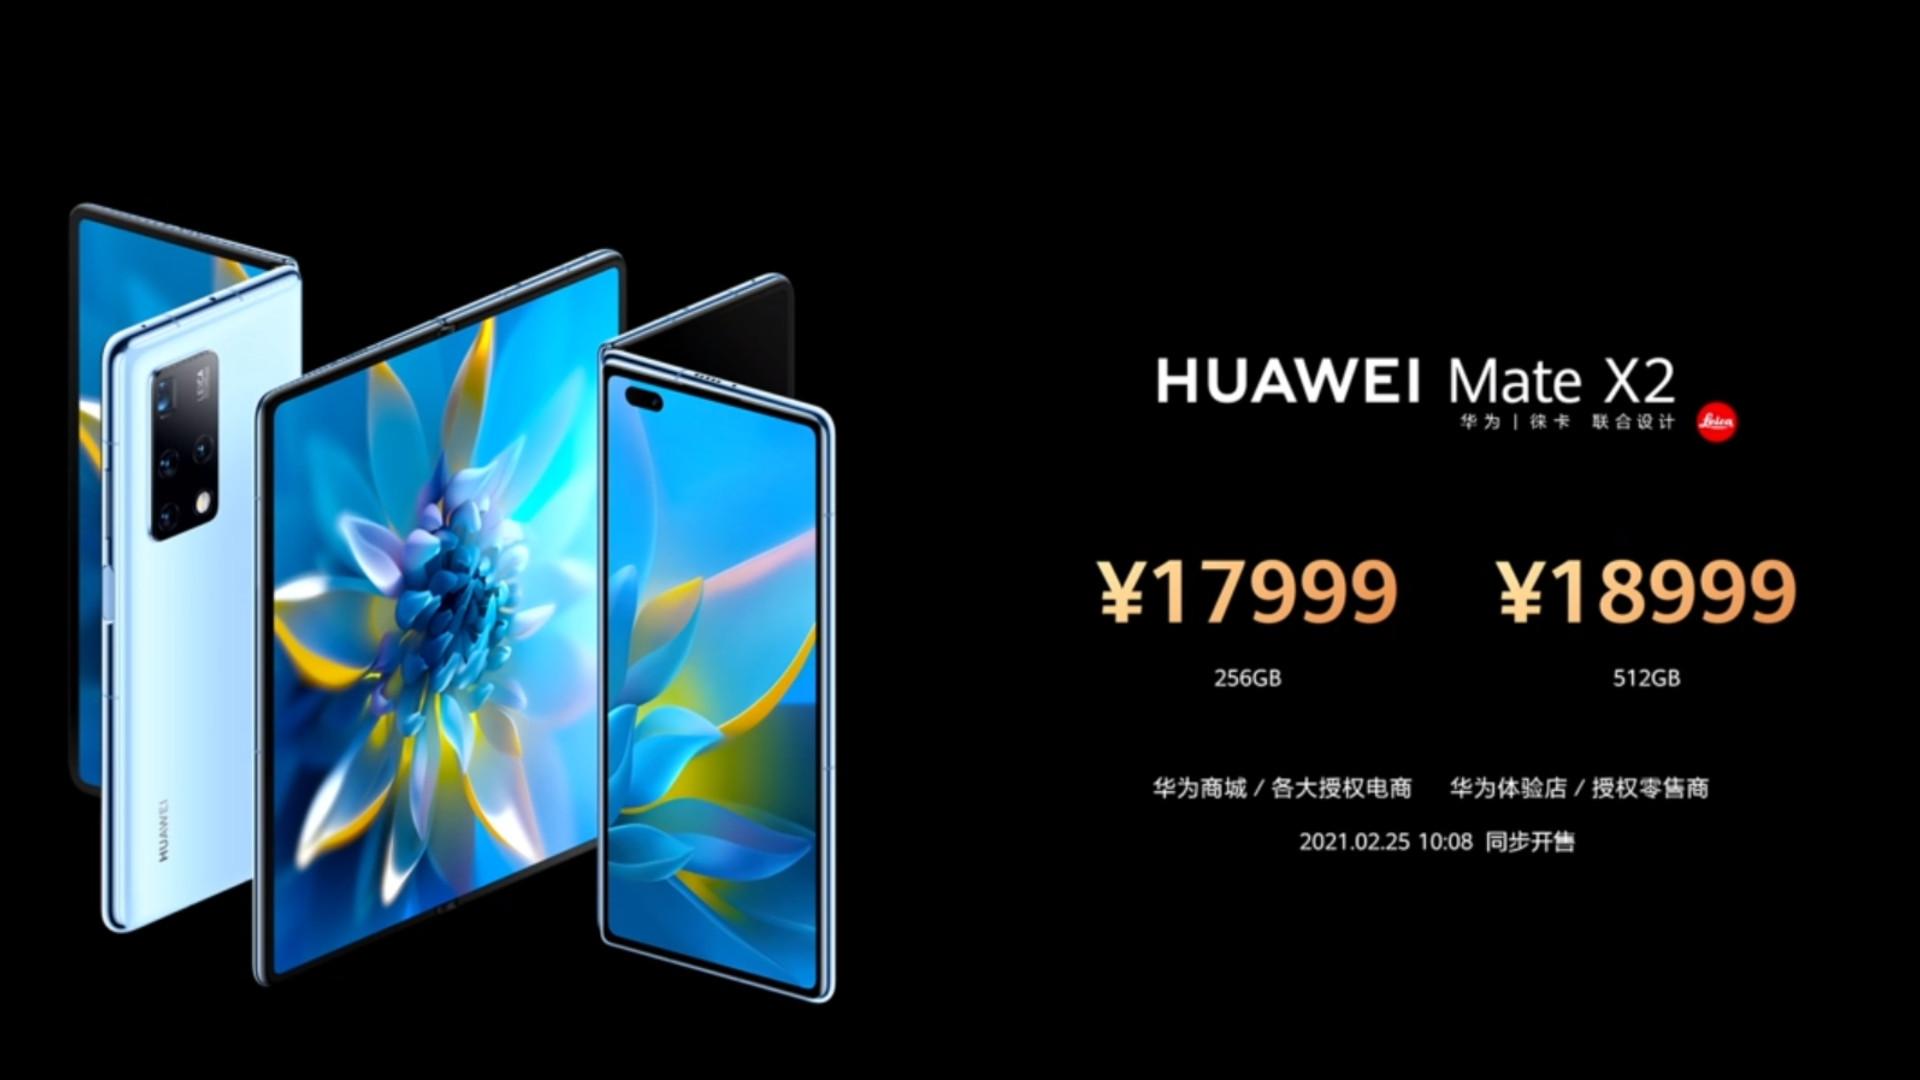 Mate X2 price